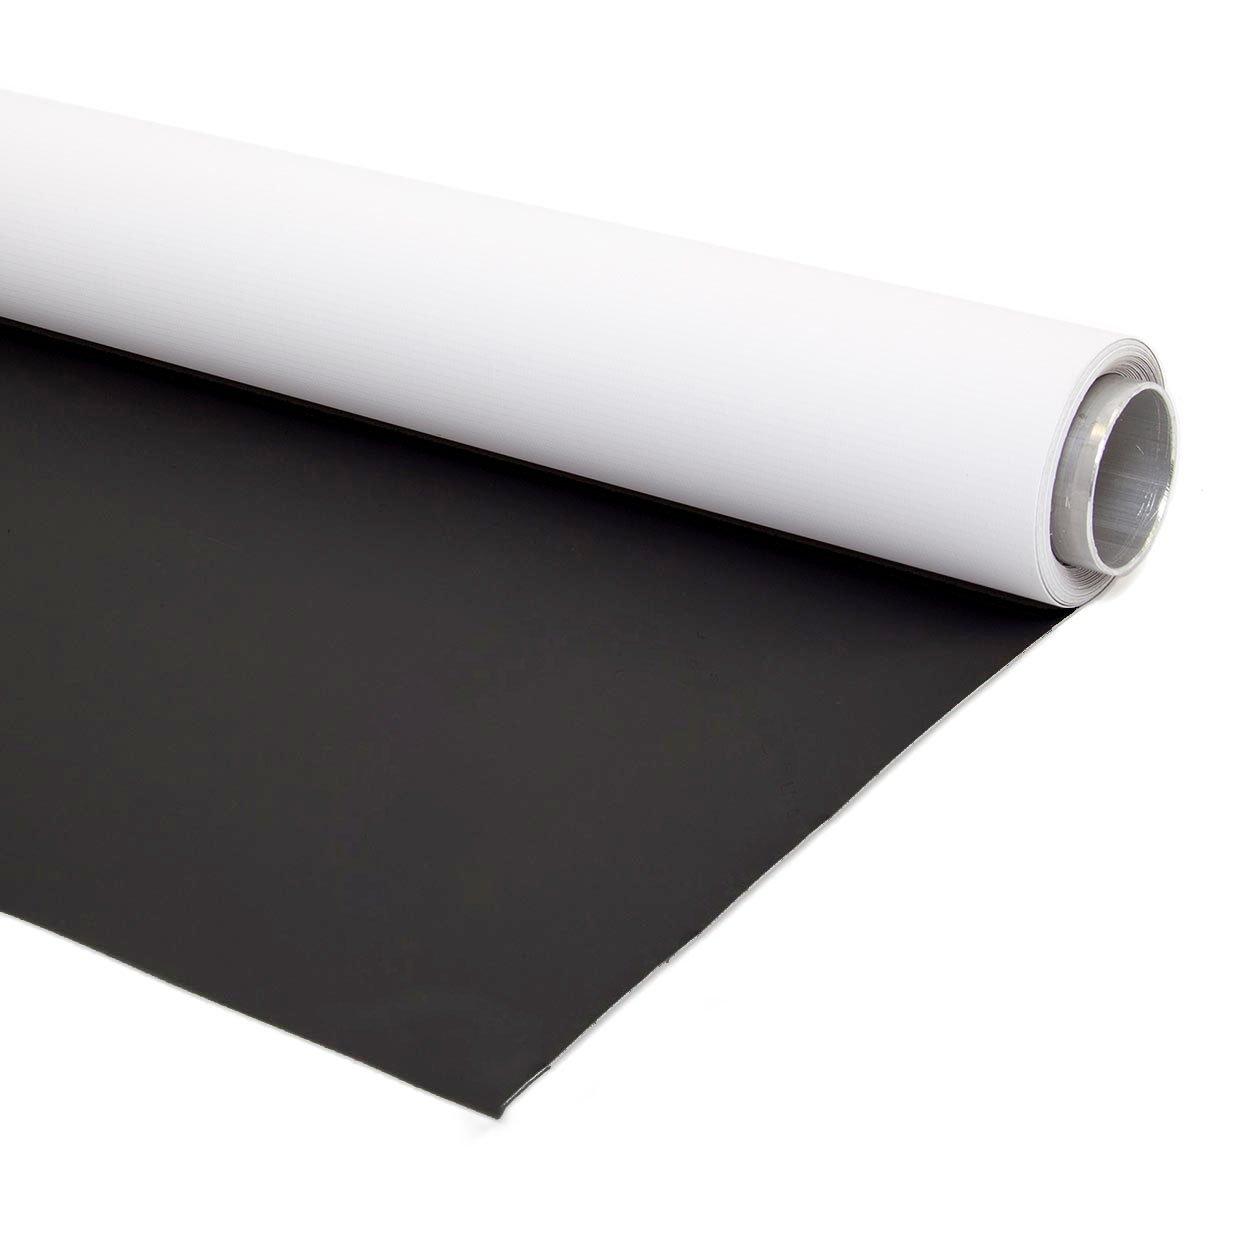 2m X 4m Doble Cara Blanco y Negro Fondo Fotográfico Vinilo con Soporte